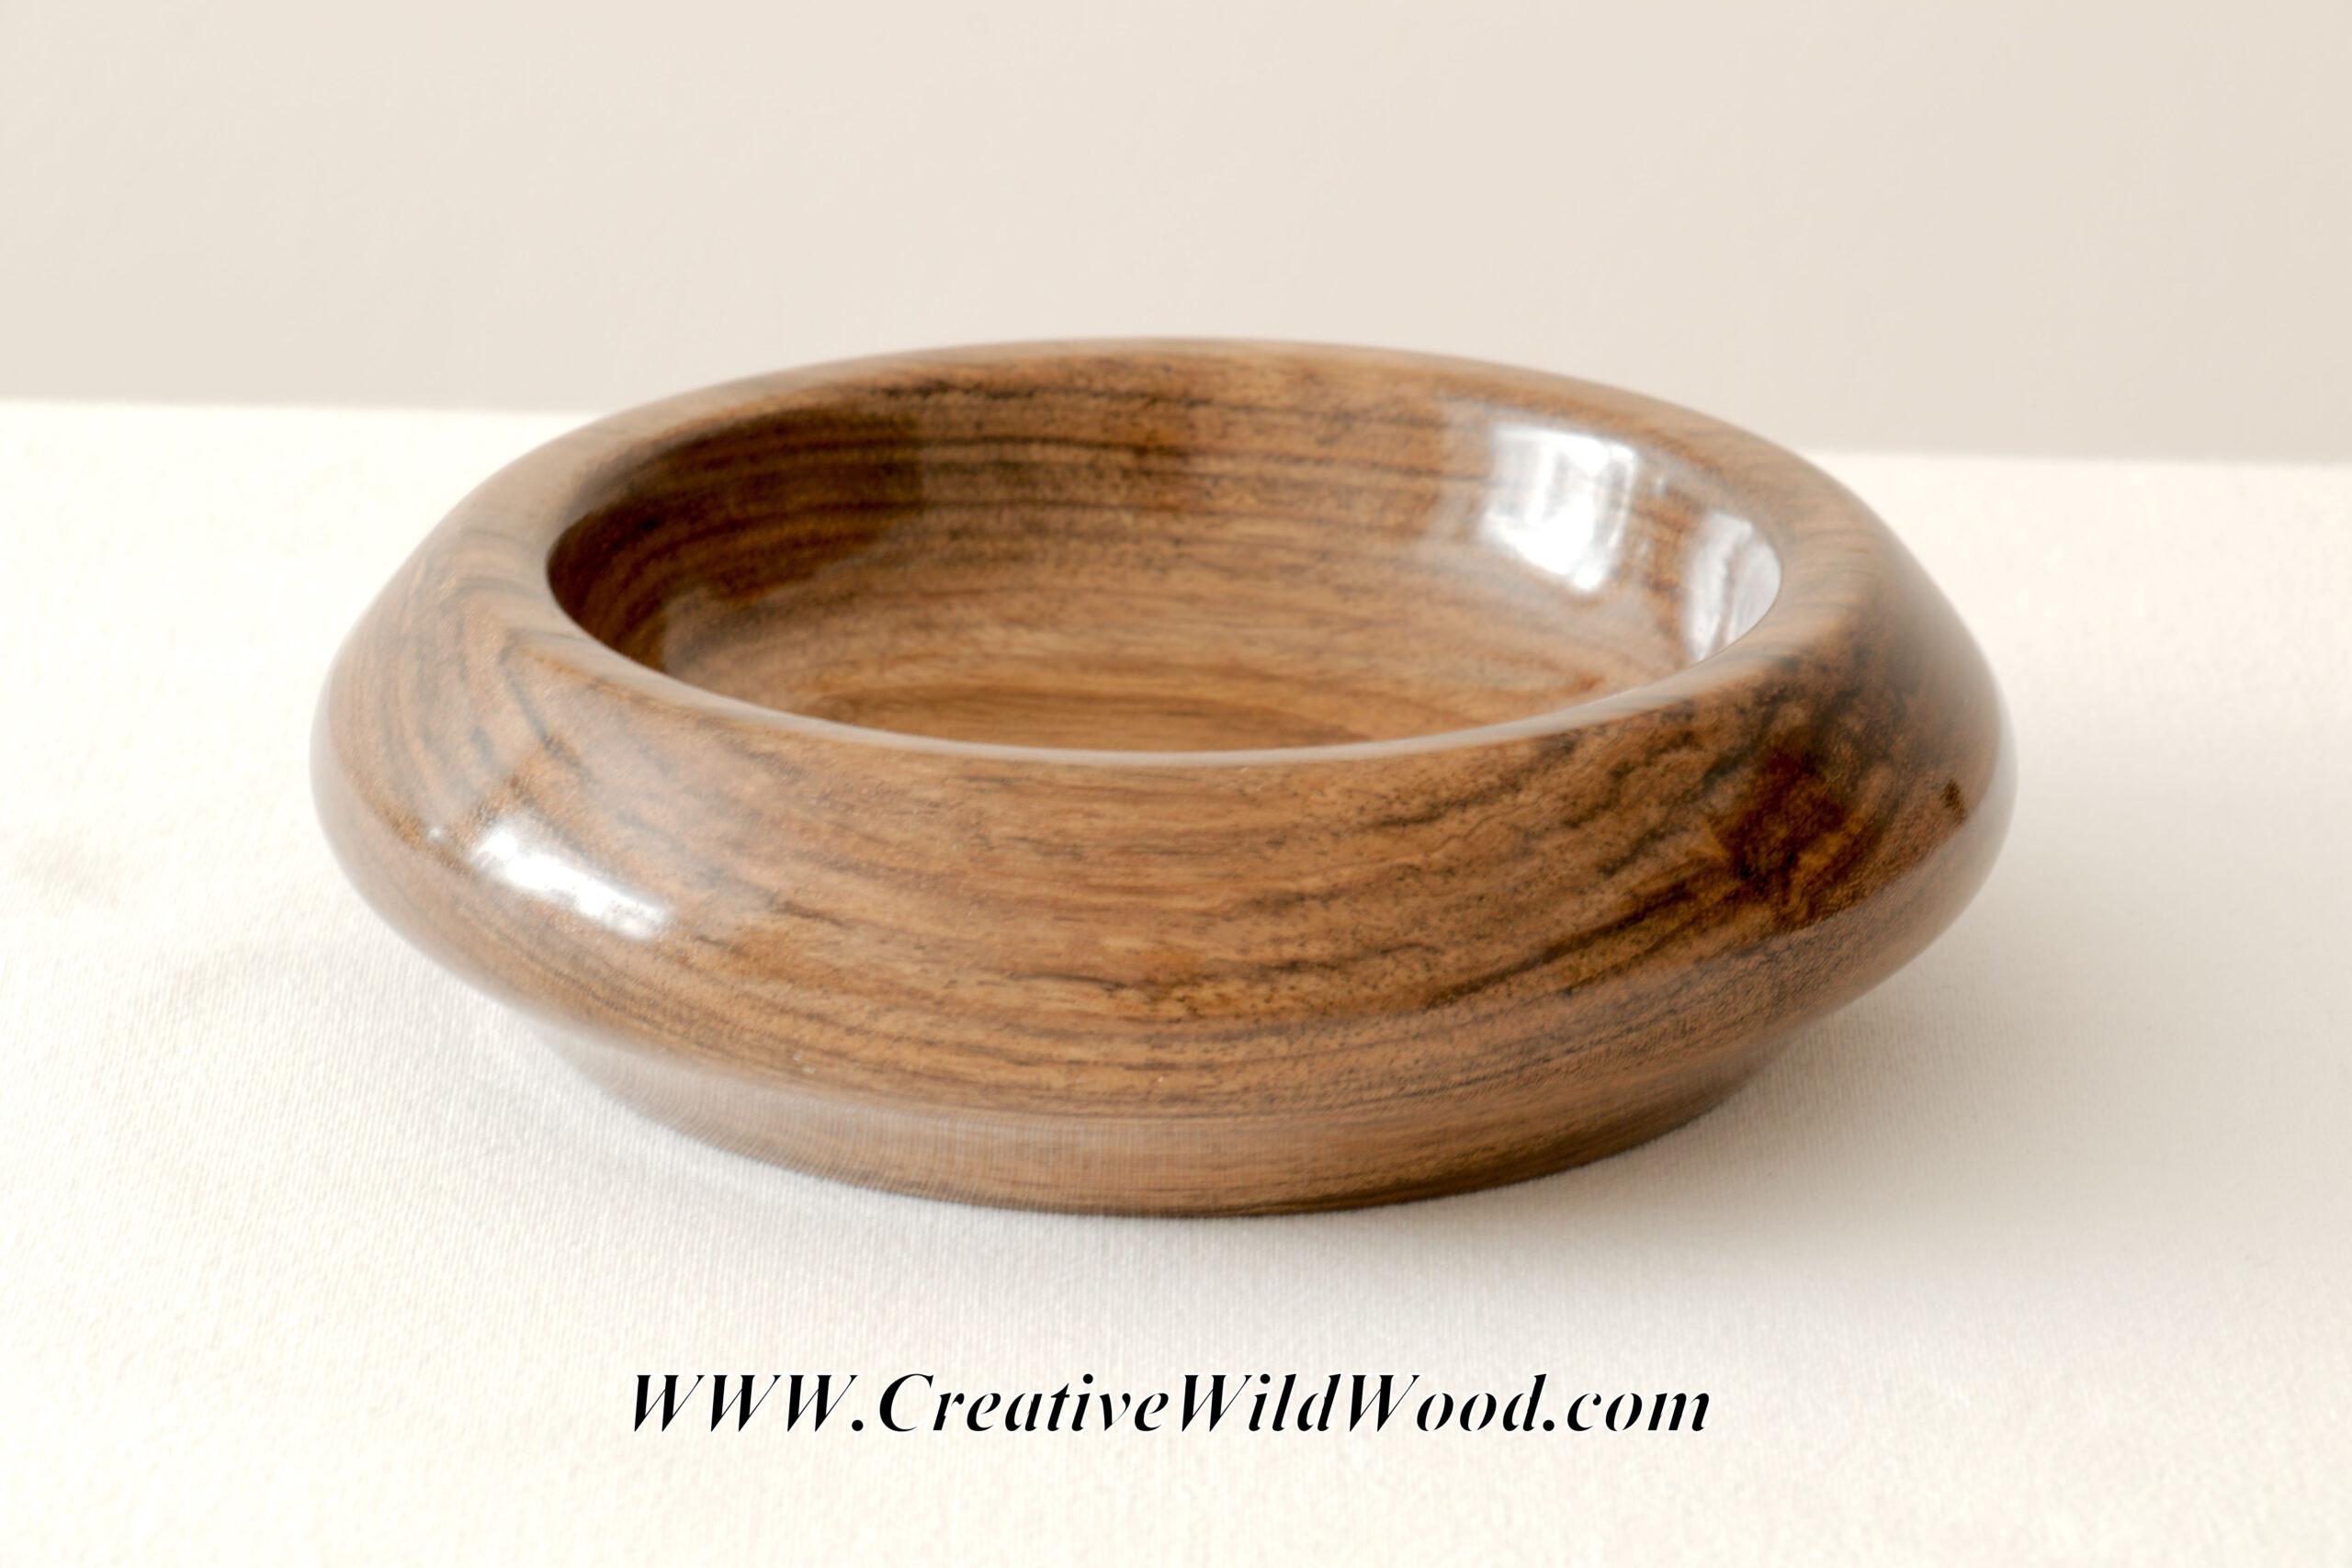 Ovangkol (Guibourtia ehie) Bowl